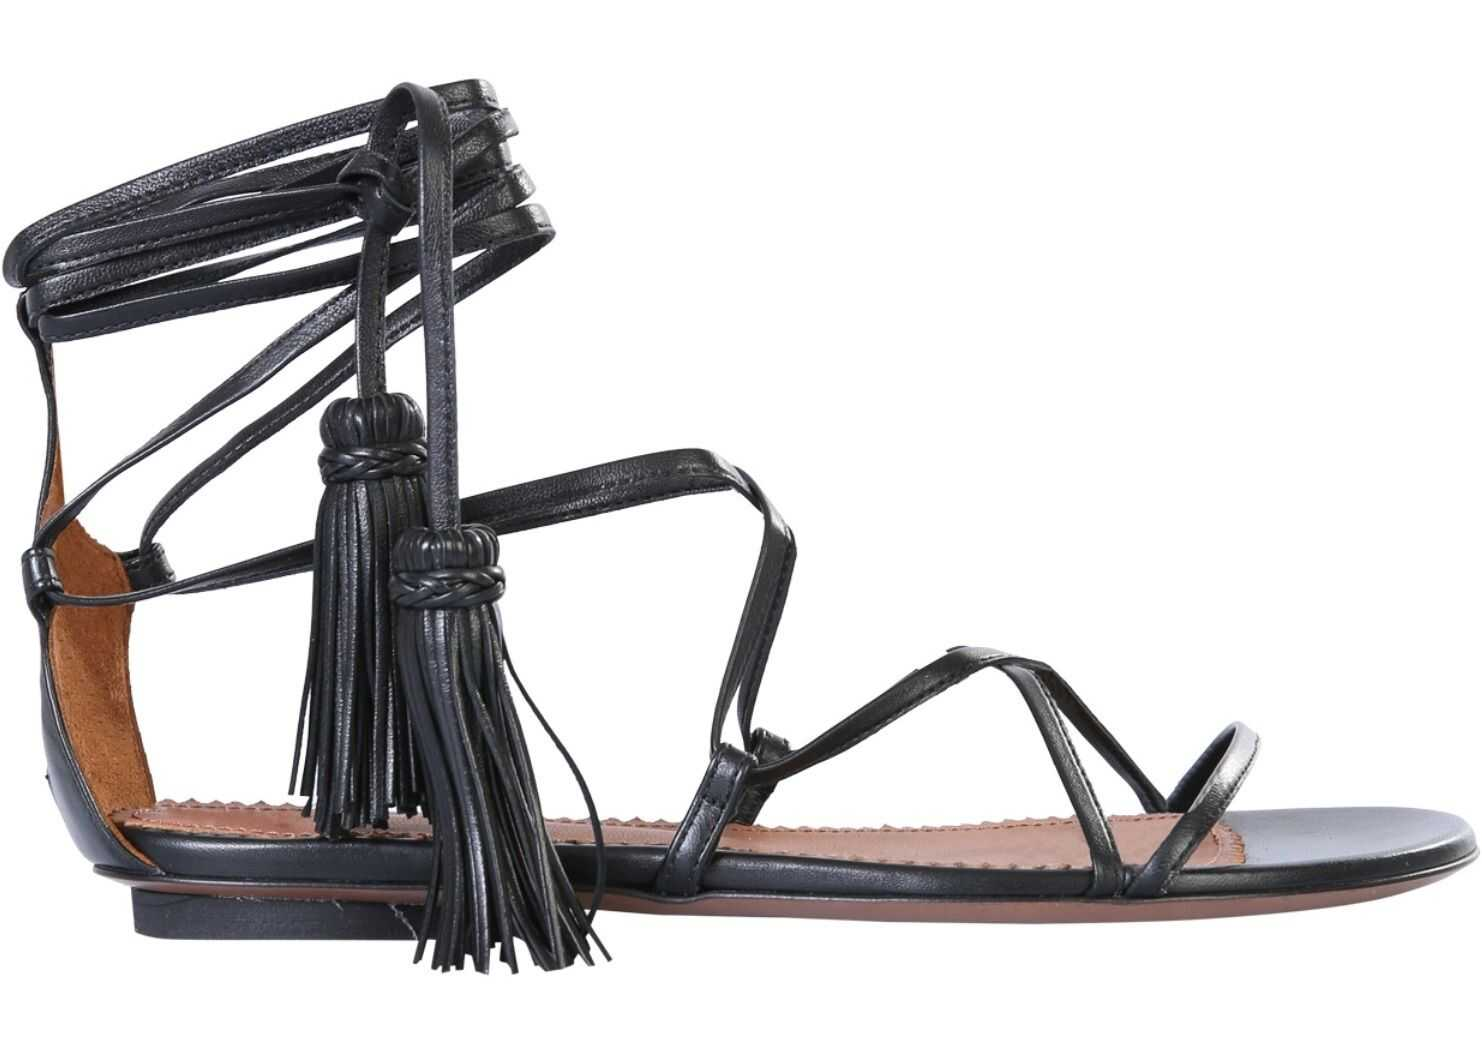 L'Autre Chose Lux Nappa Sandals OSL136.05CC_26151001 BLACK imagine b-mall.ro